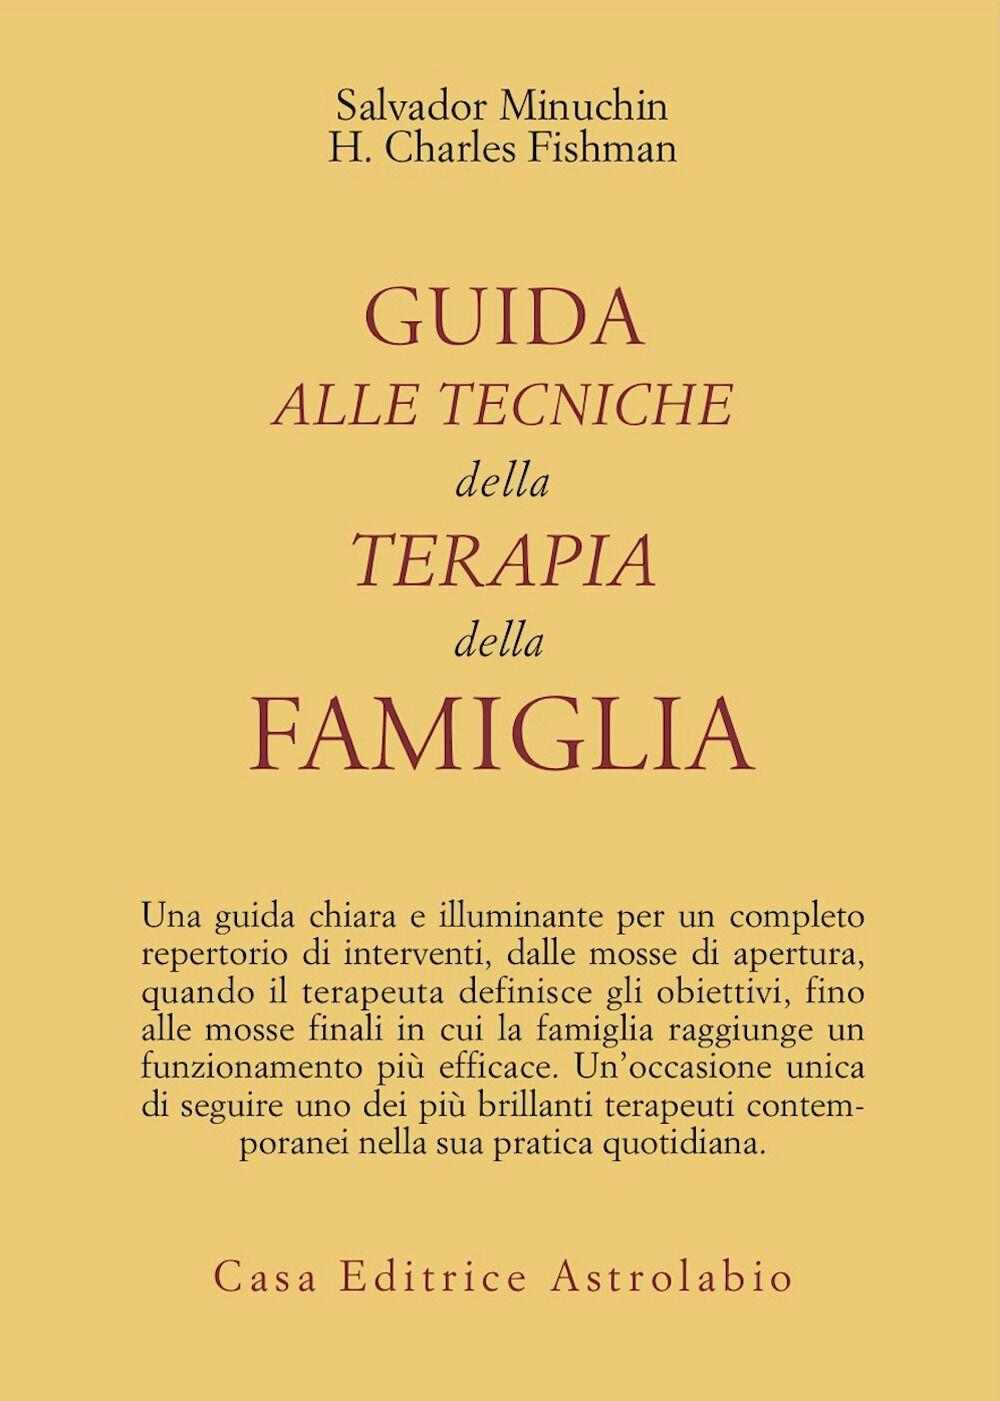 Guida alle tecniche della terapia della famiglia